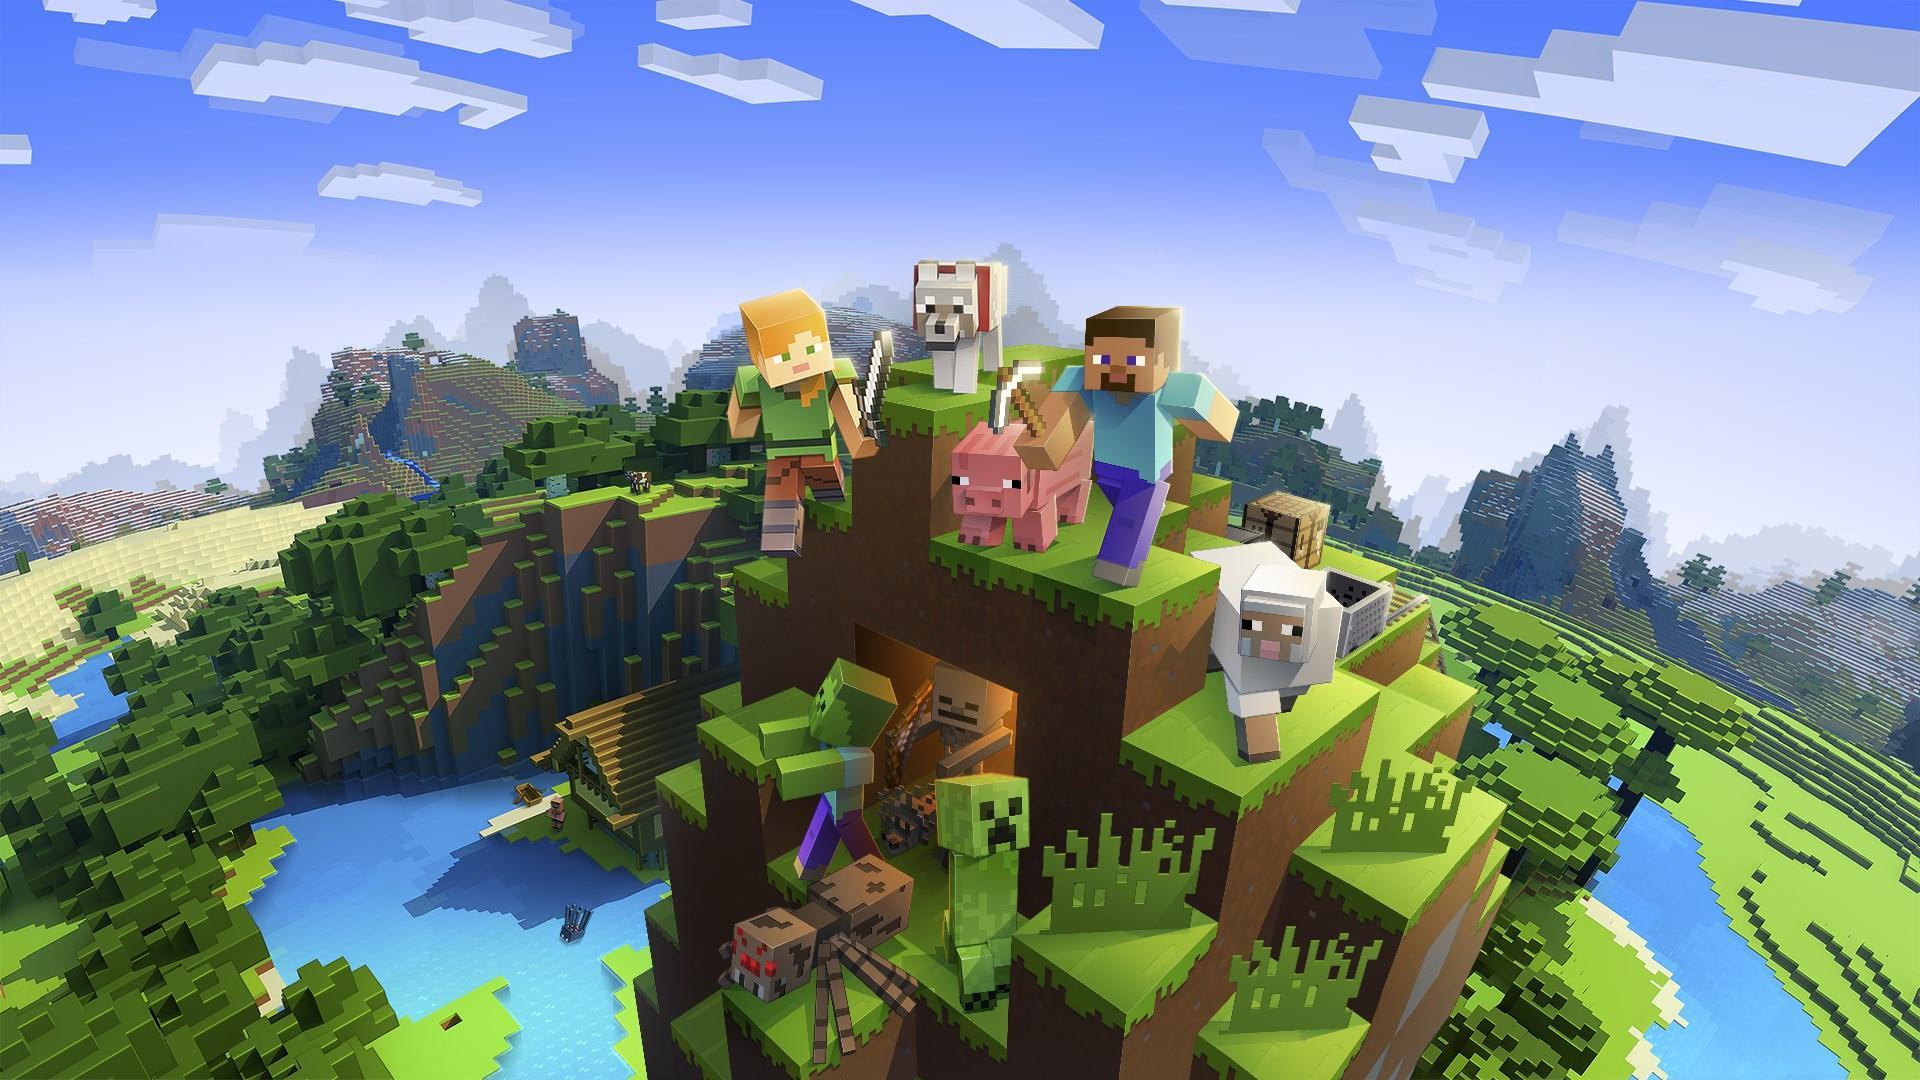 Hình ảnh Game Minicraft siêu hót cho trẻ